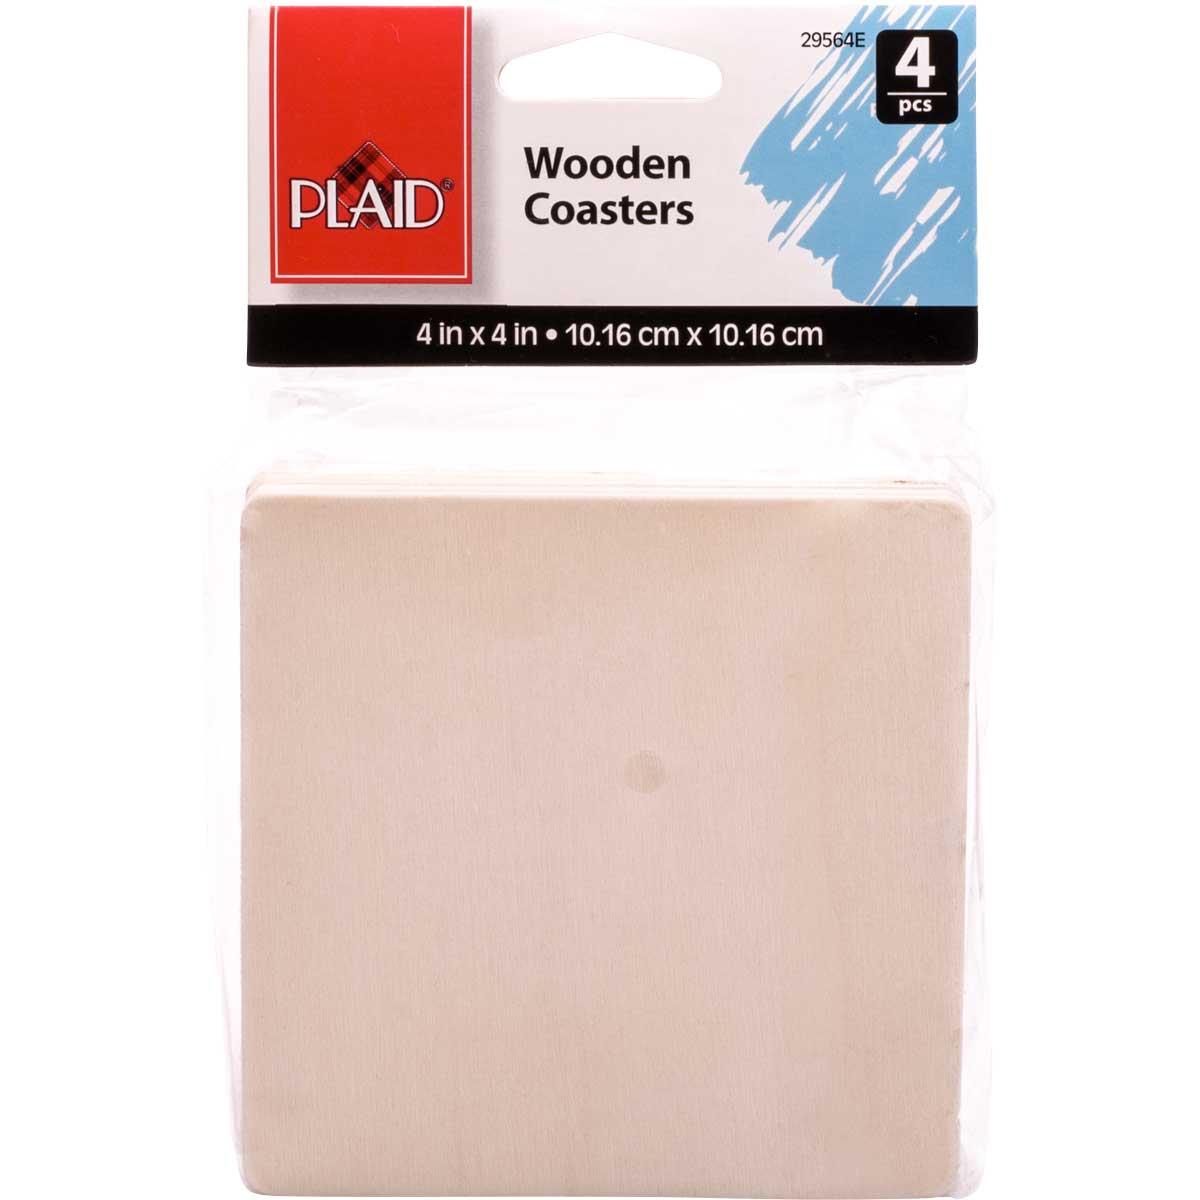 Plaid ® Wood Surfaces - Coasters - Square, 4 pc. - 29564E